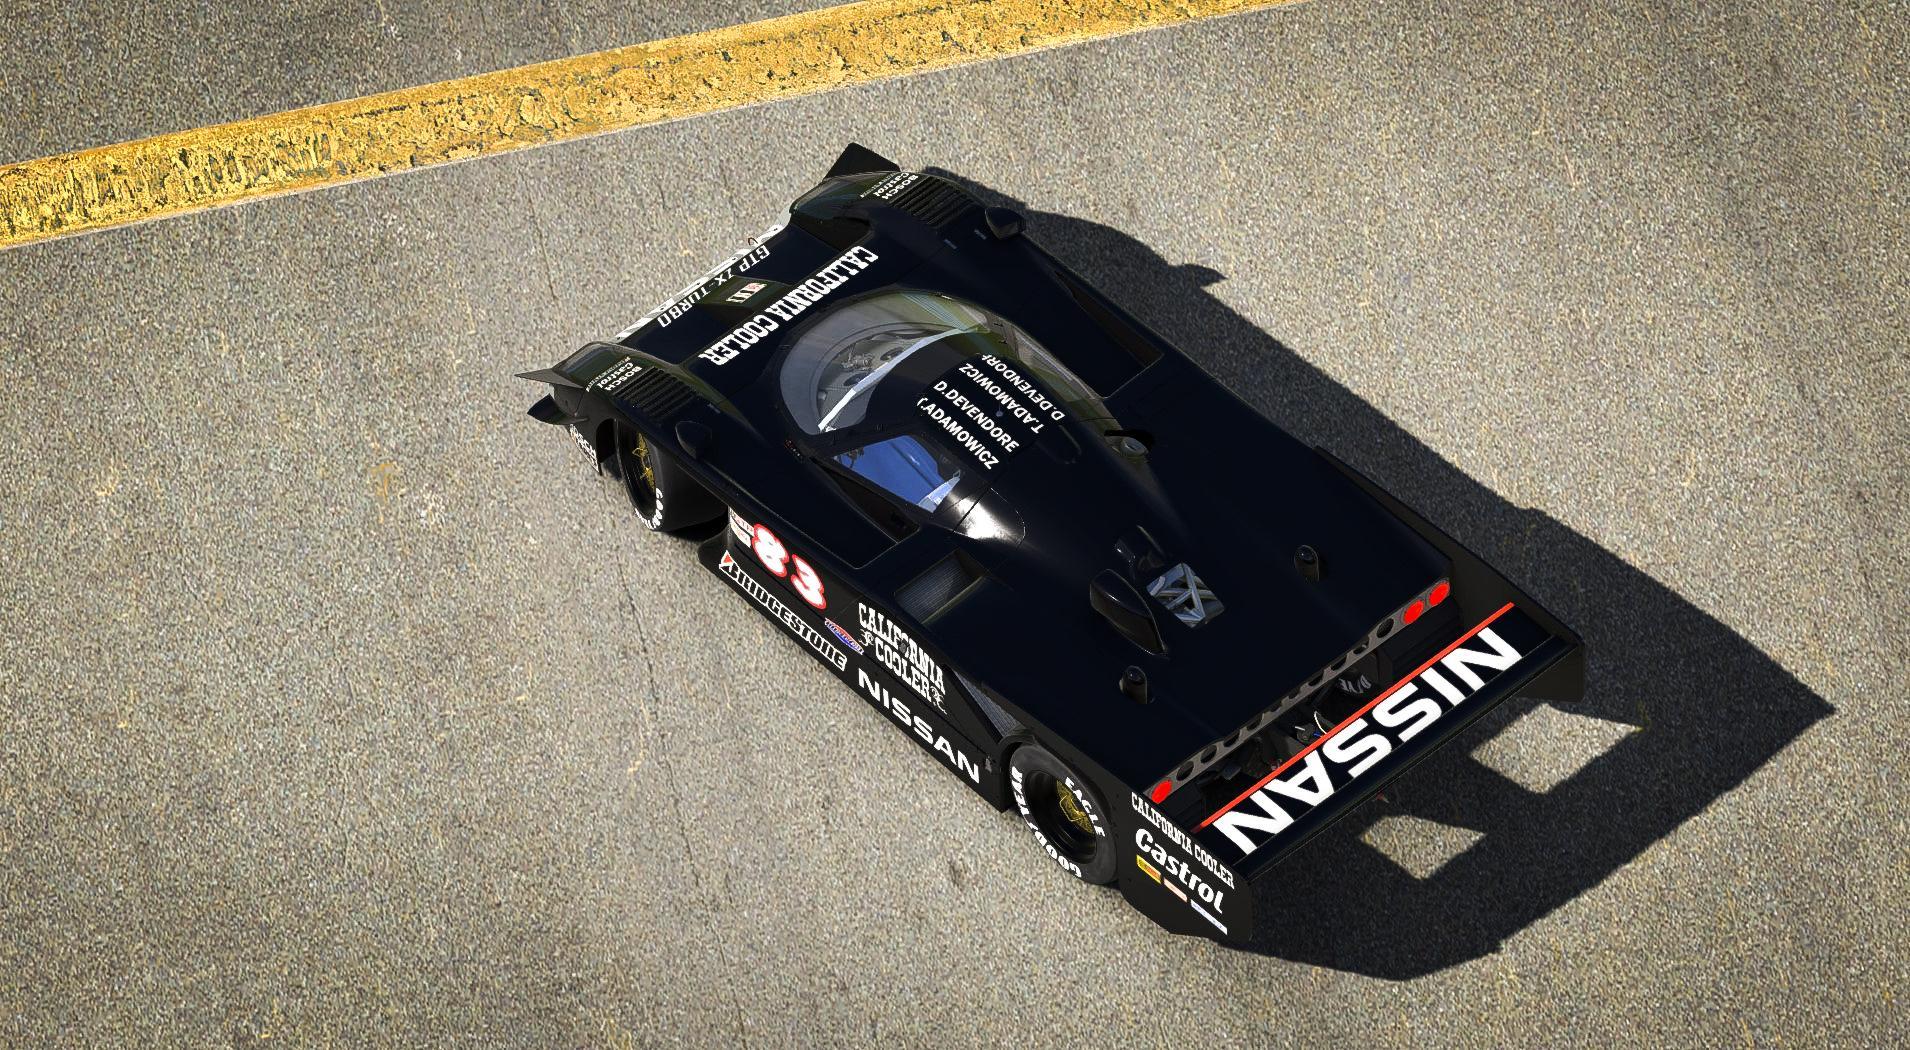 Preview of Lola T810 Nissan GTP ZX-T by Yuji Asakawa